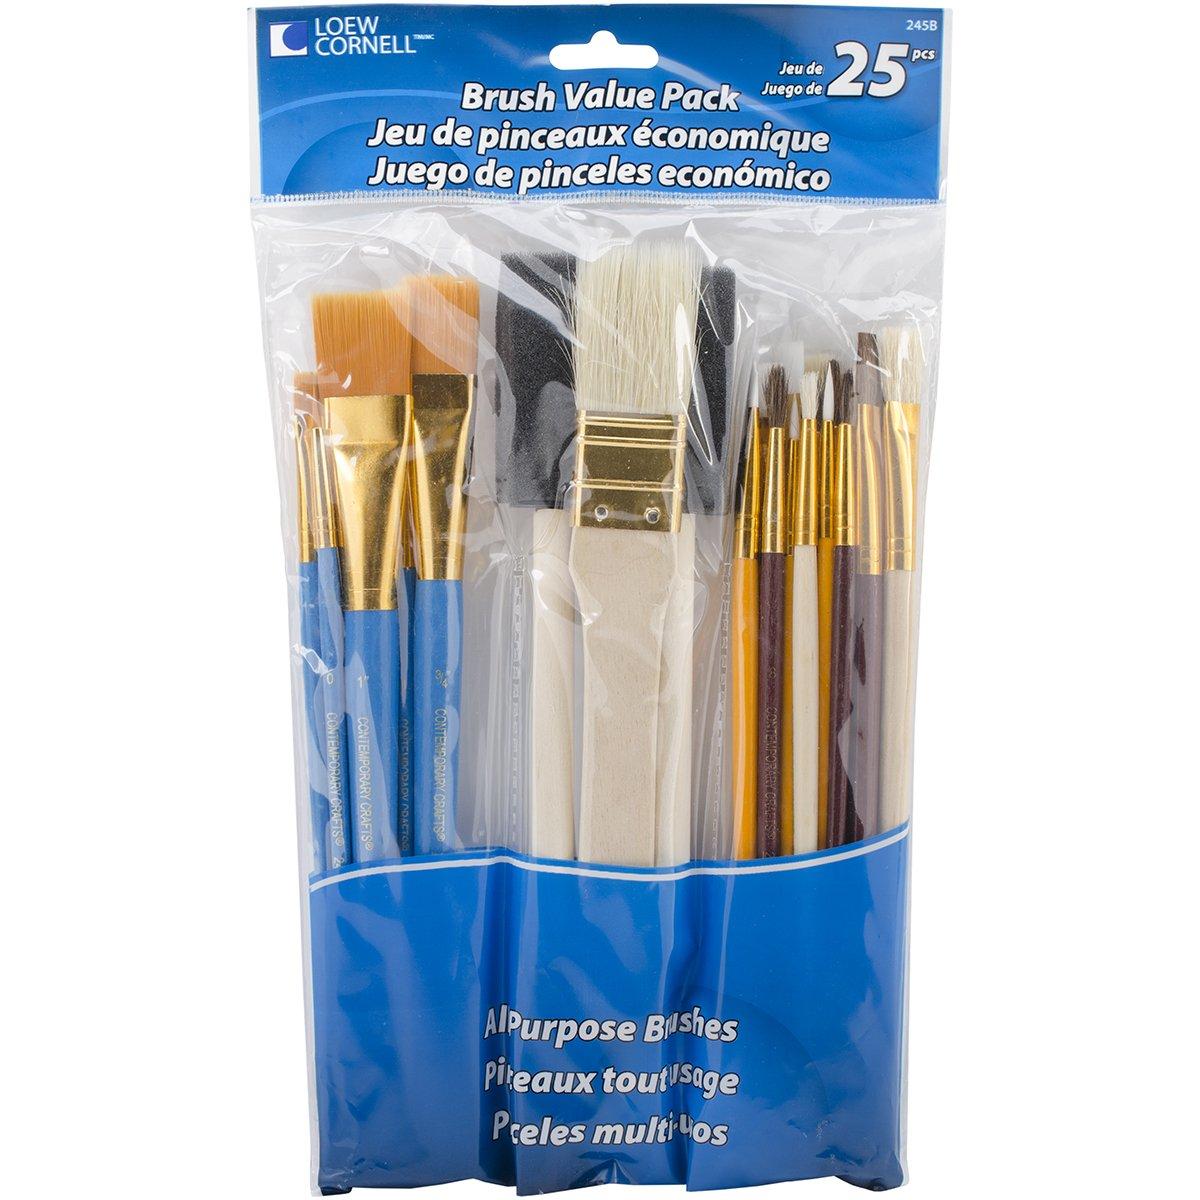 Loew-Cornell 245B Brush Set Pack Of 25 Multi Color 1-Pack Of 25 2